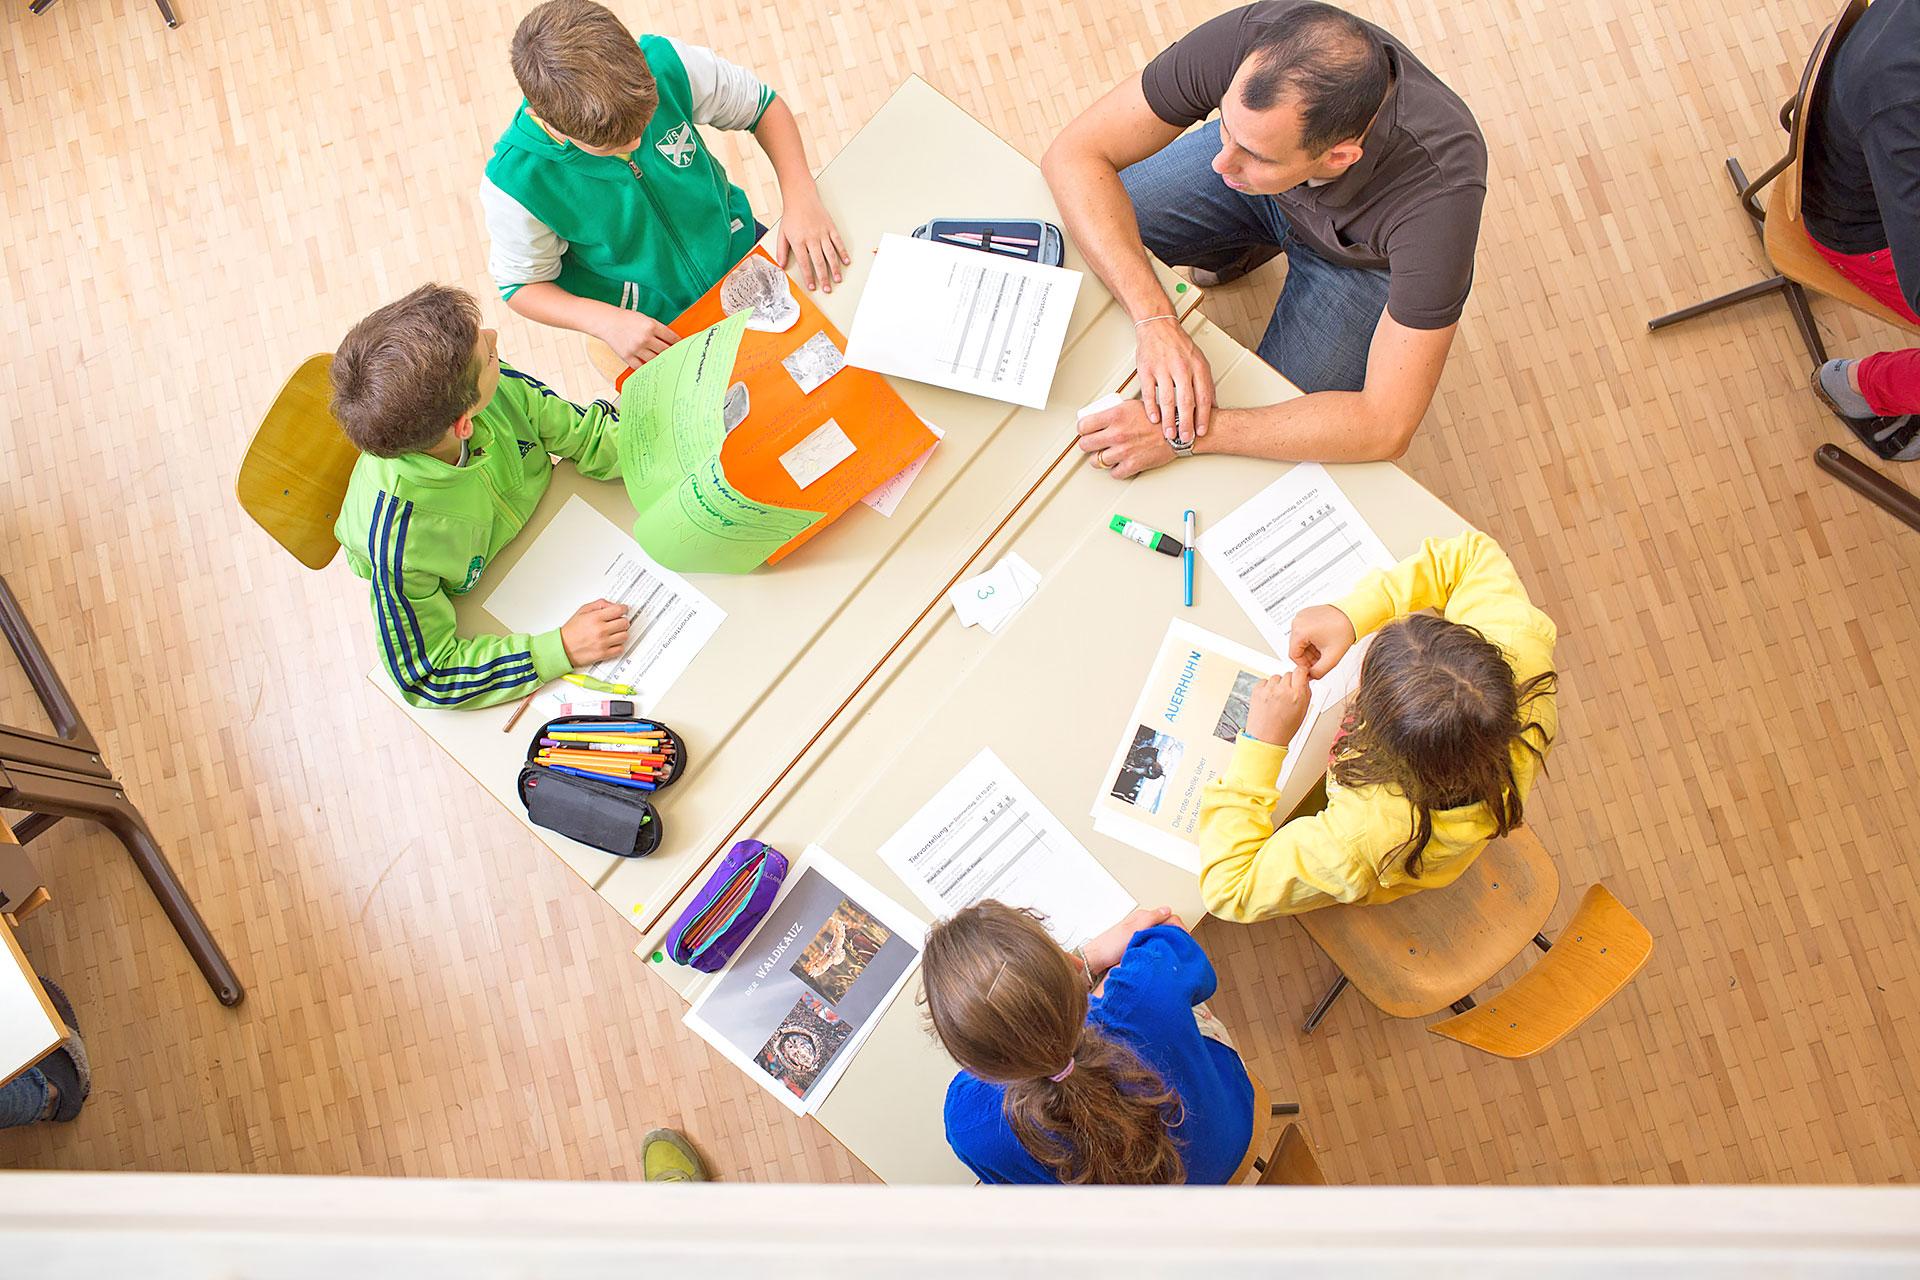 Lehrer bespricht mit vier Schülern/-innen am Gruppentisch die Tiervorstellungen